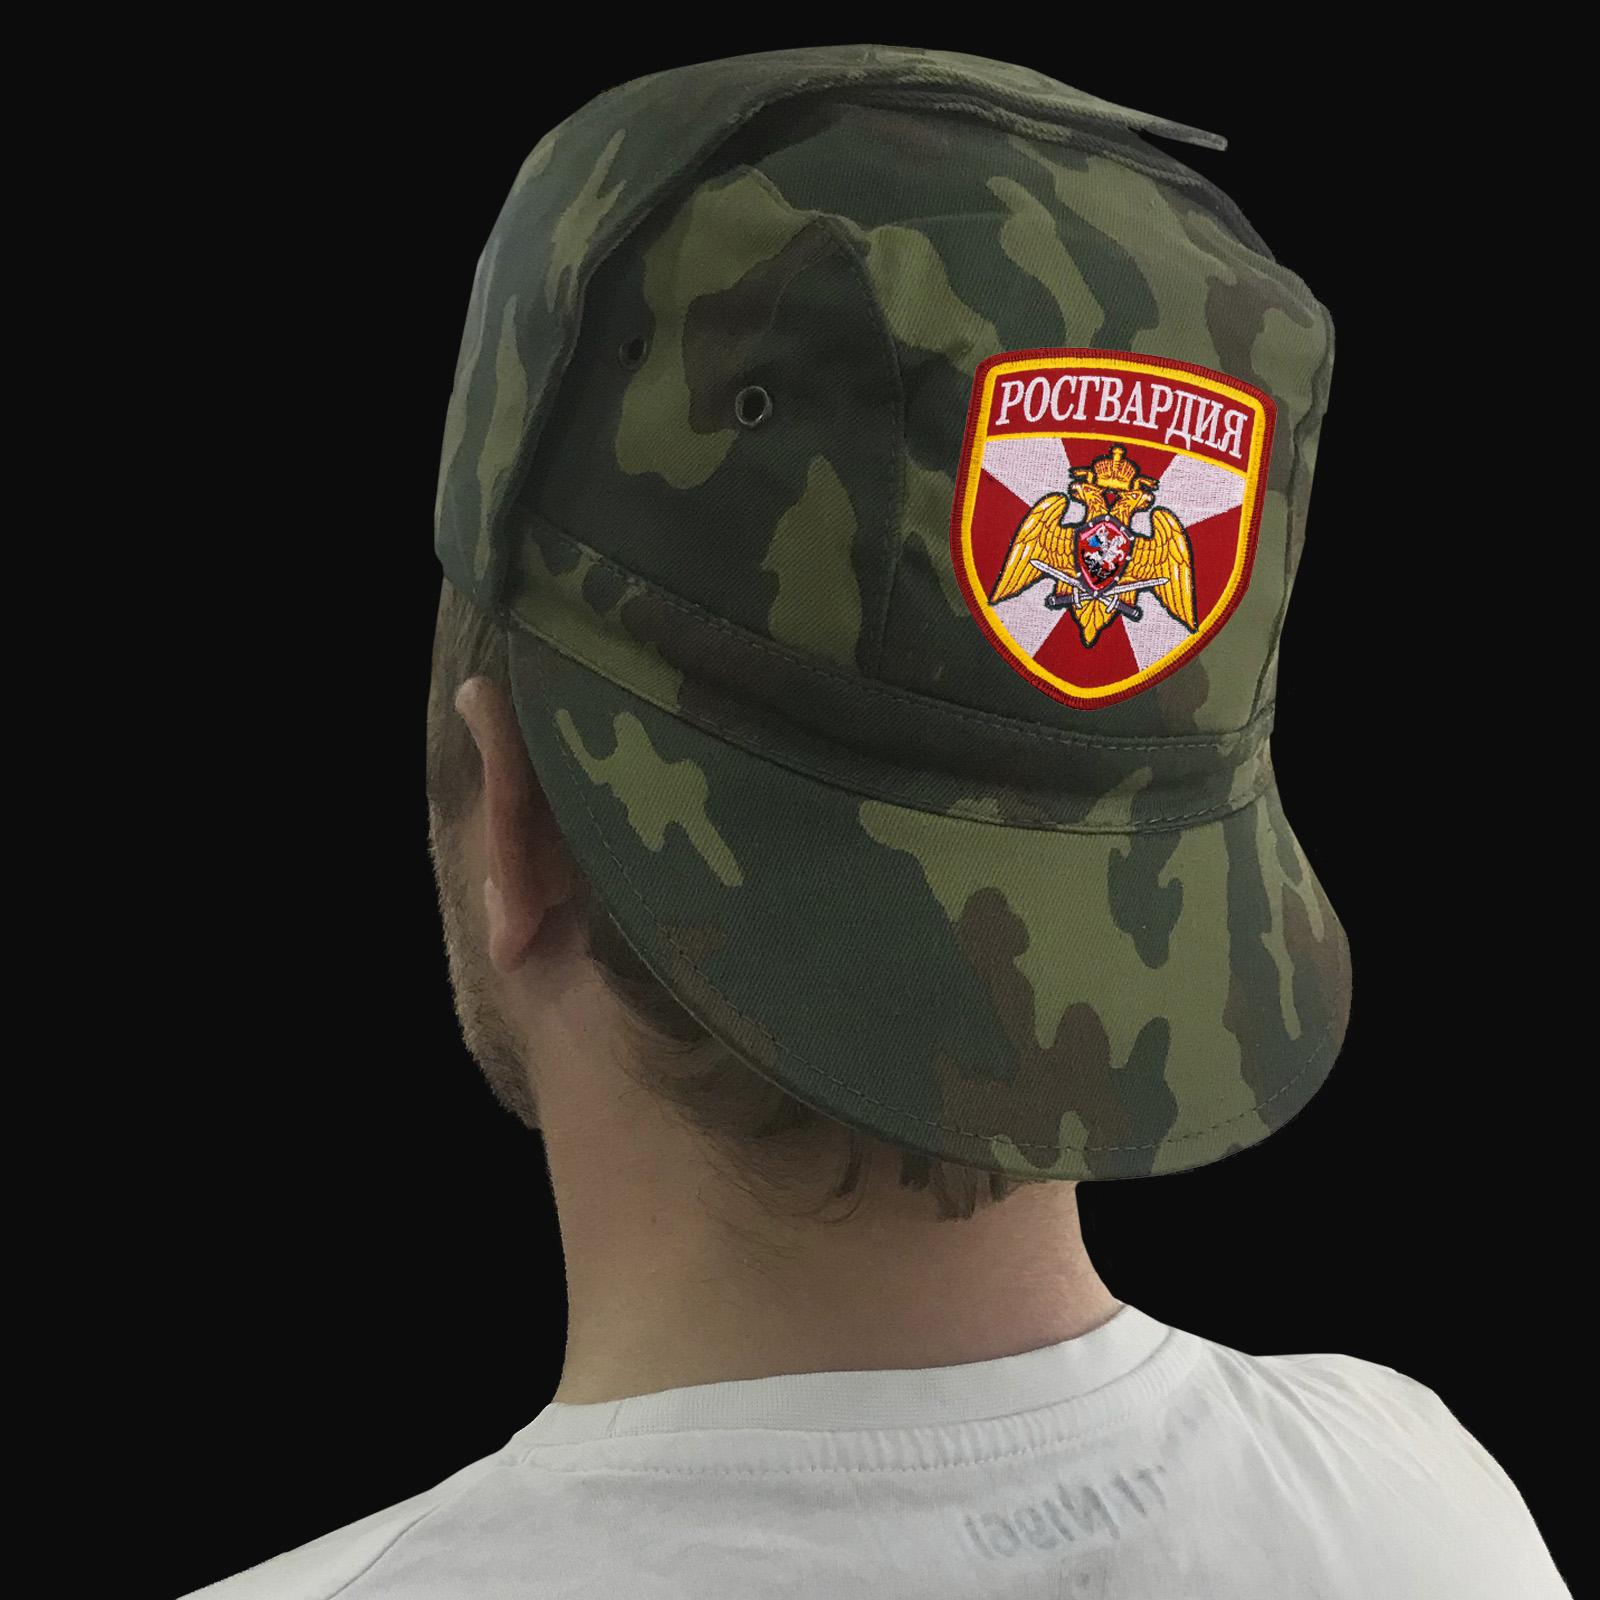 Недорогие мужские кепки с символикой Национальной Гвардии России